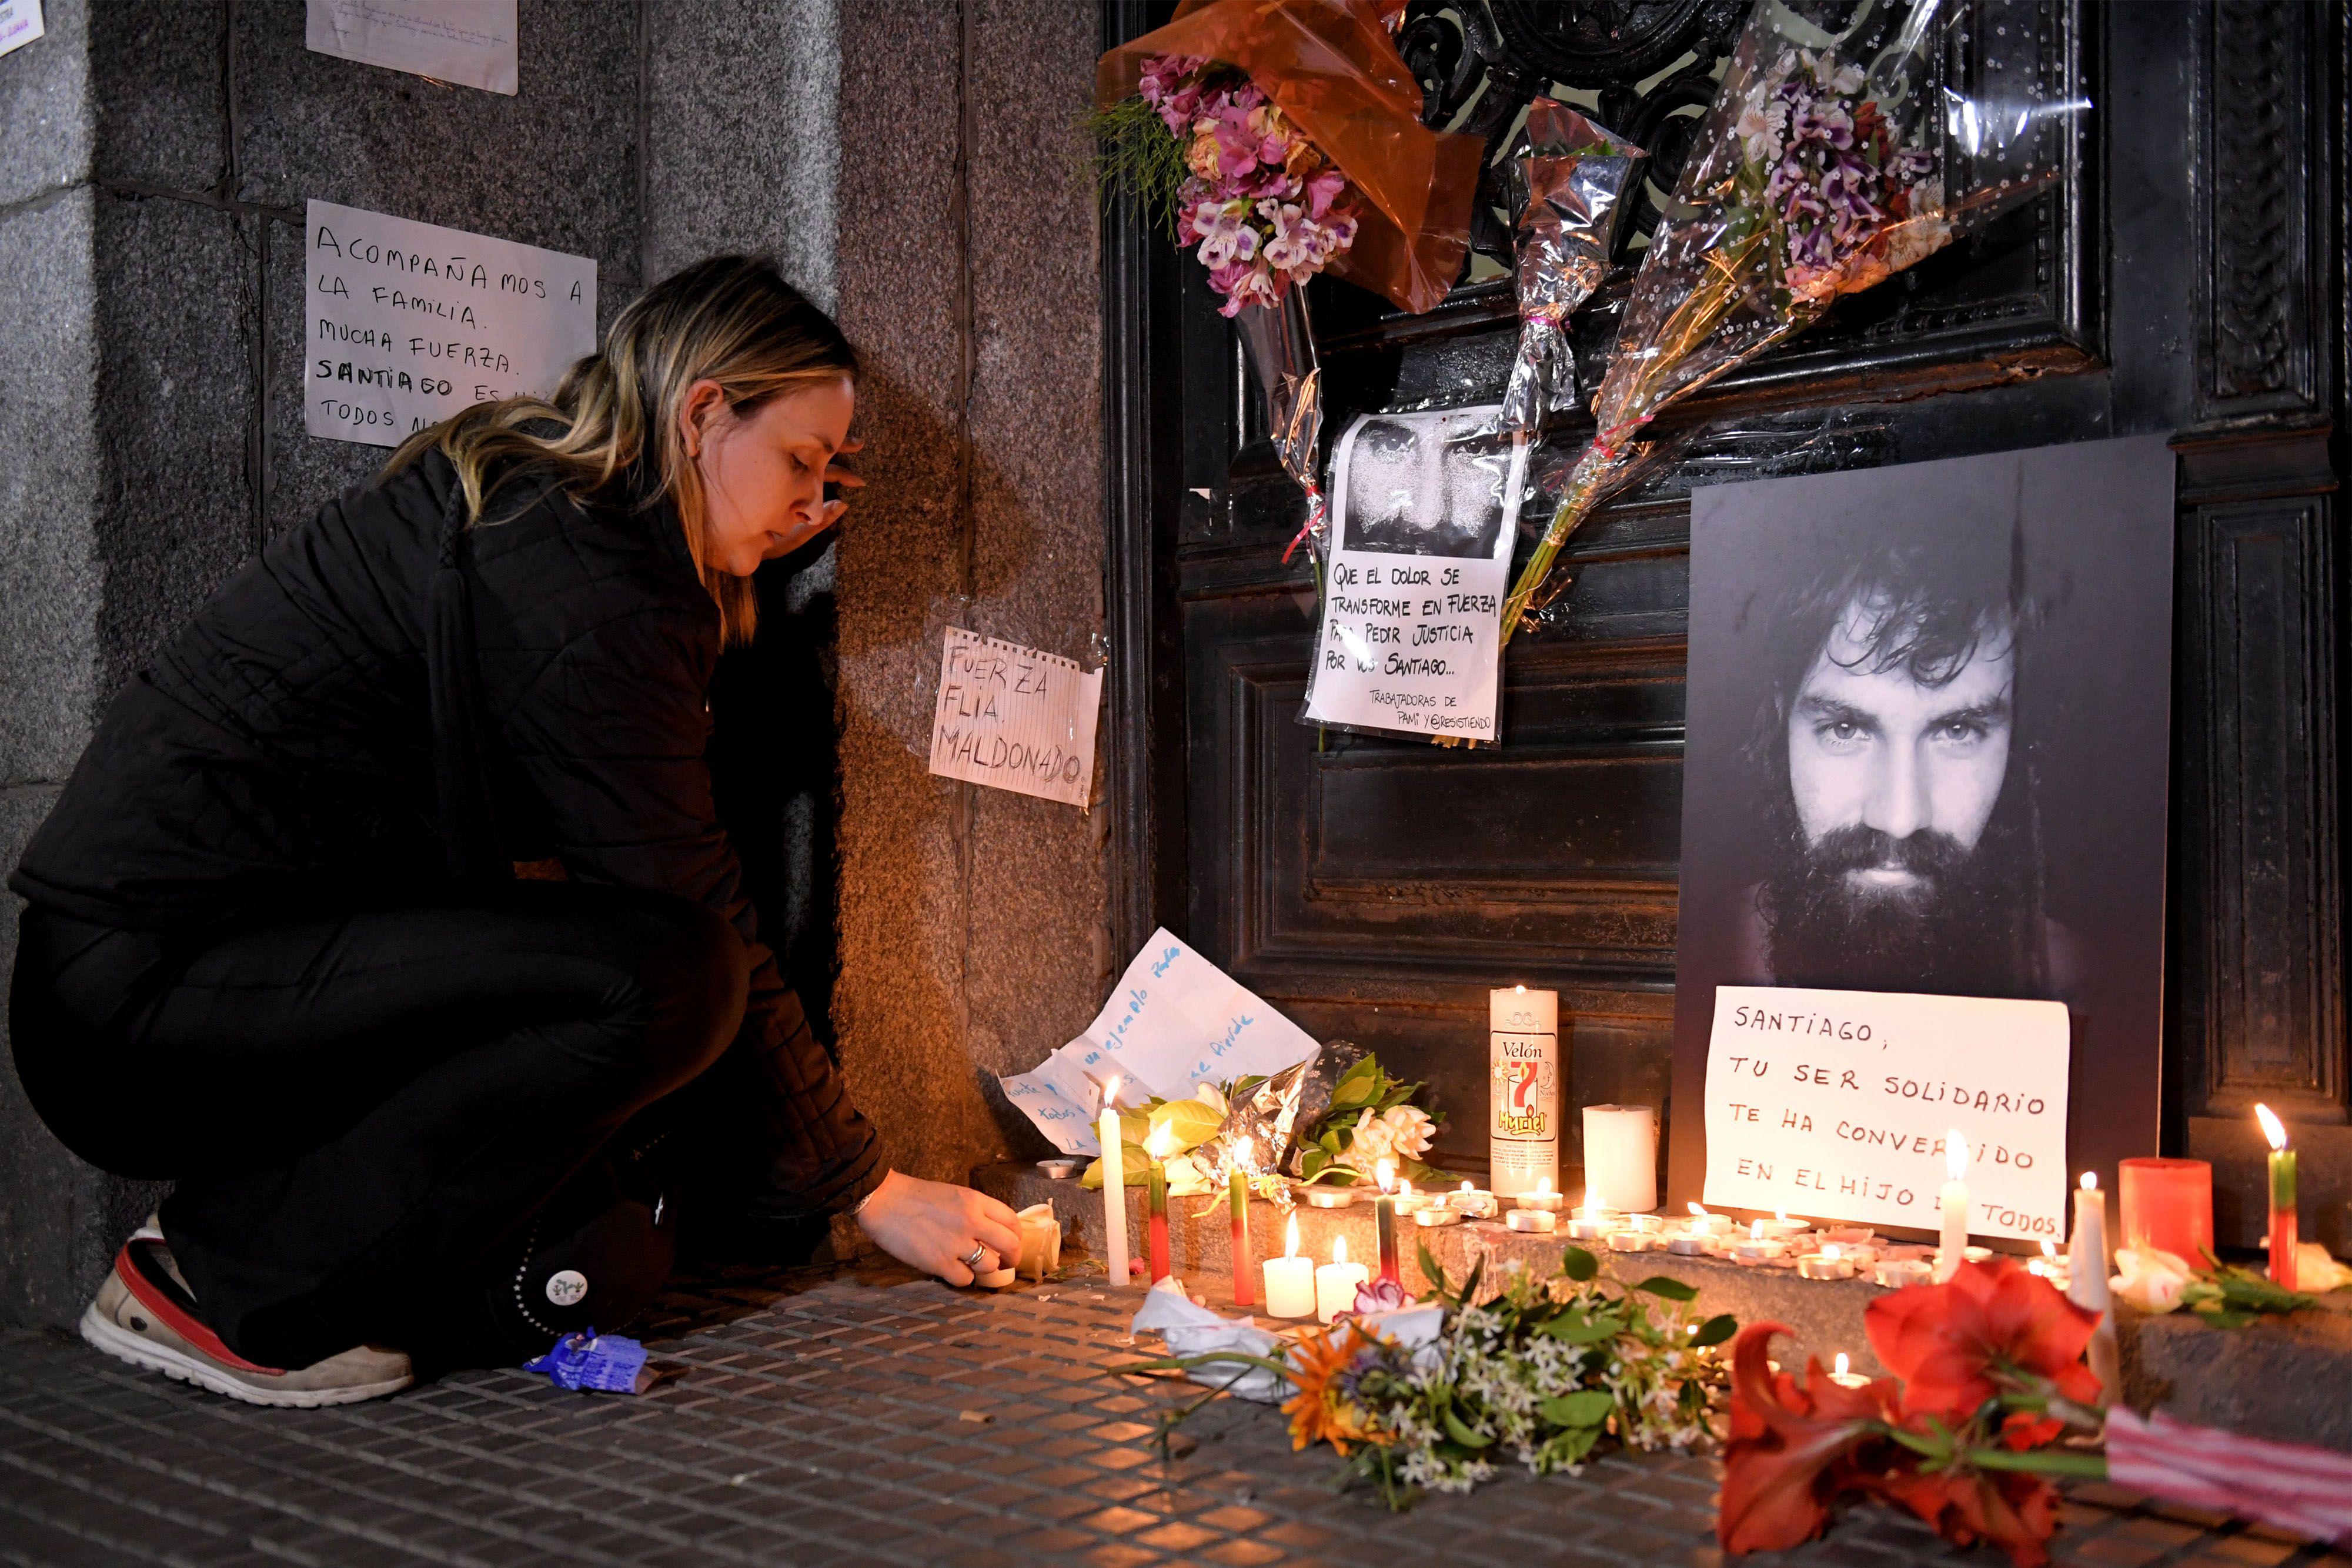 La ONU expresó consternación y envió sus condolencias a la familia Maldonado